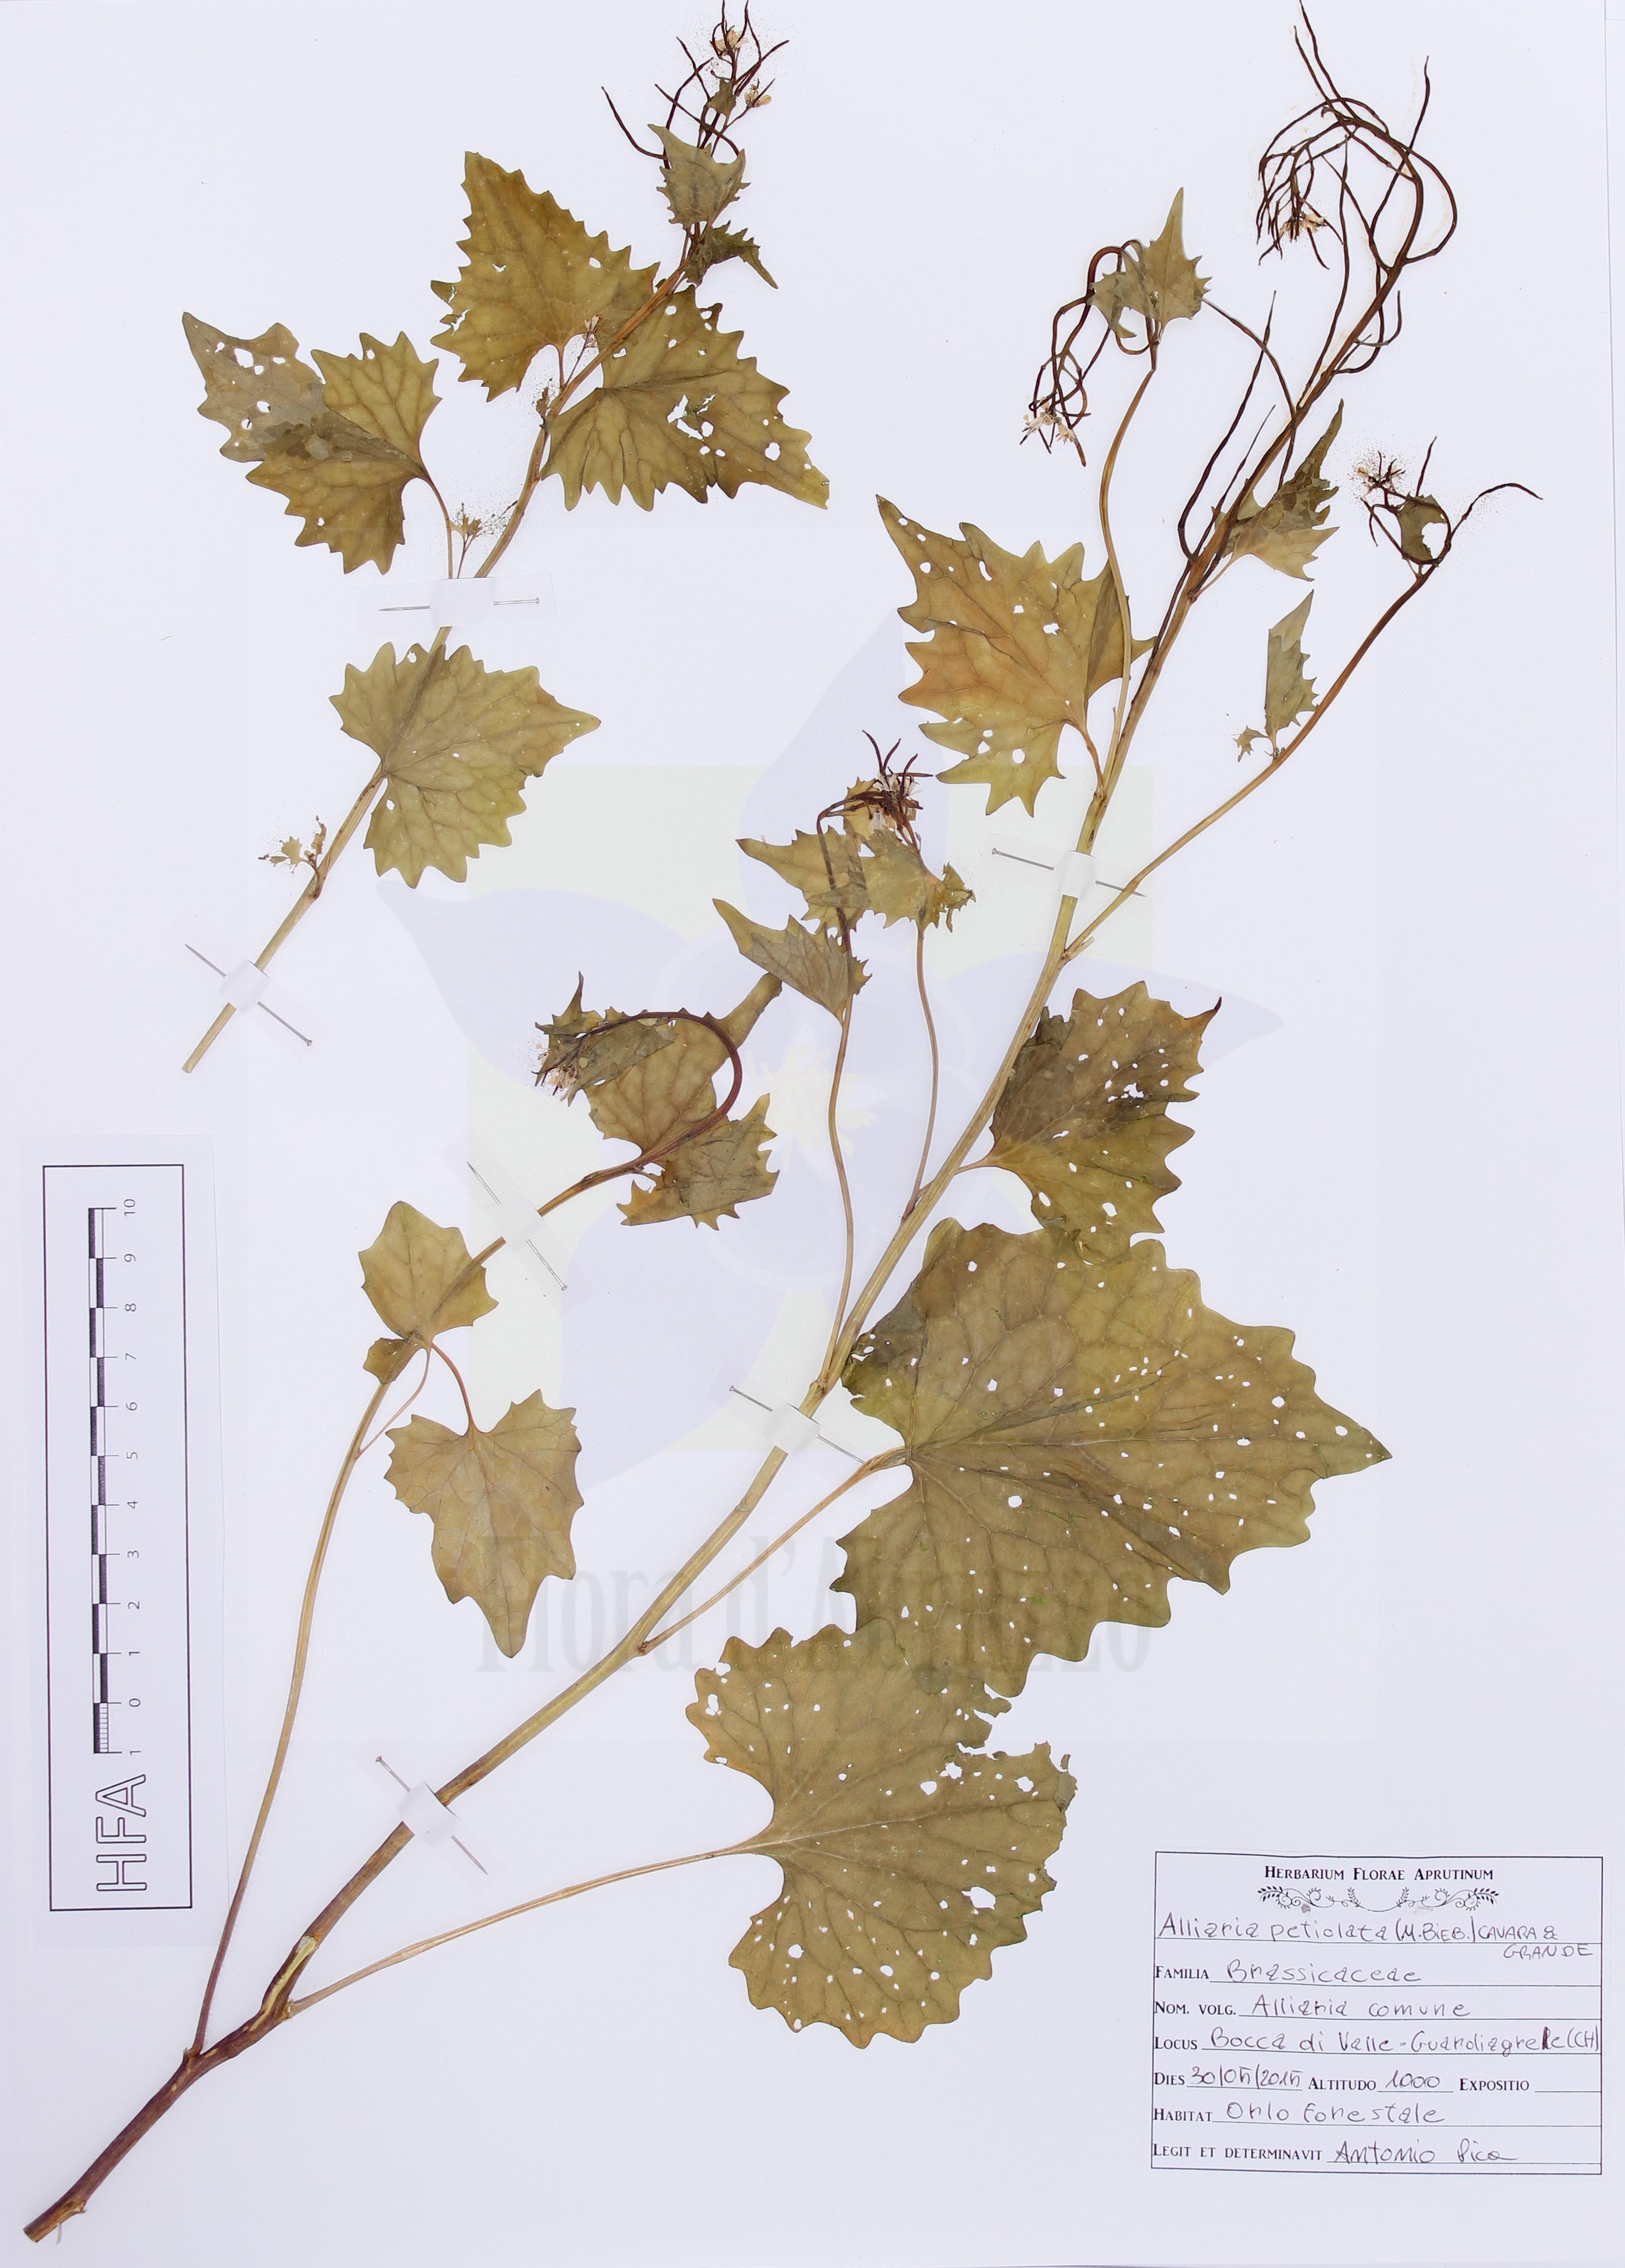 Alliaria petiolata(M. Bieb.) Cavara & Grande